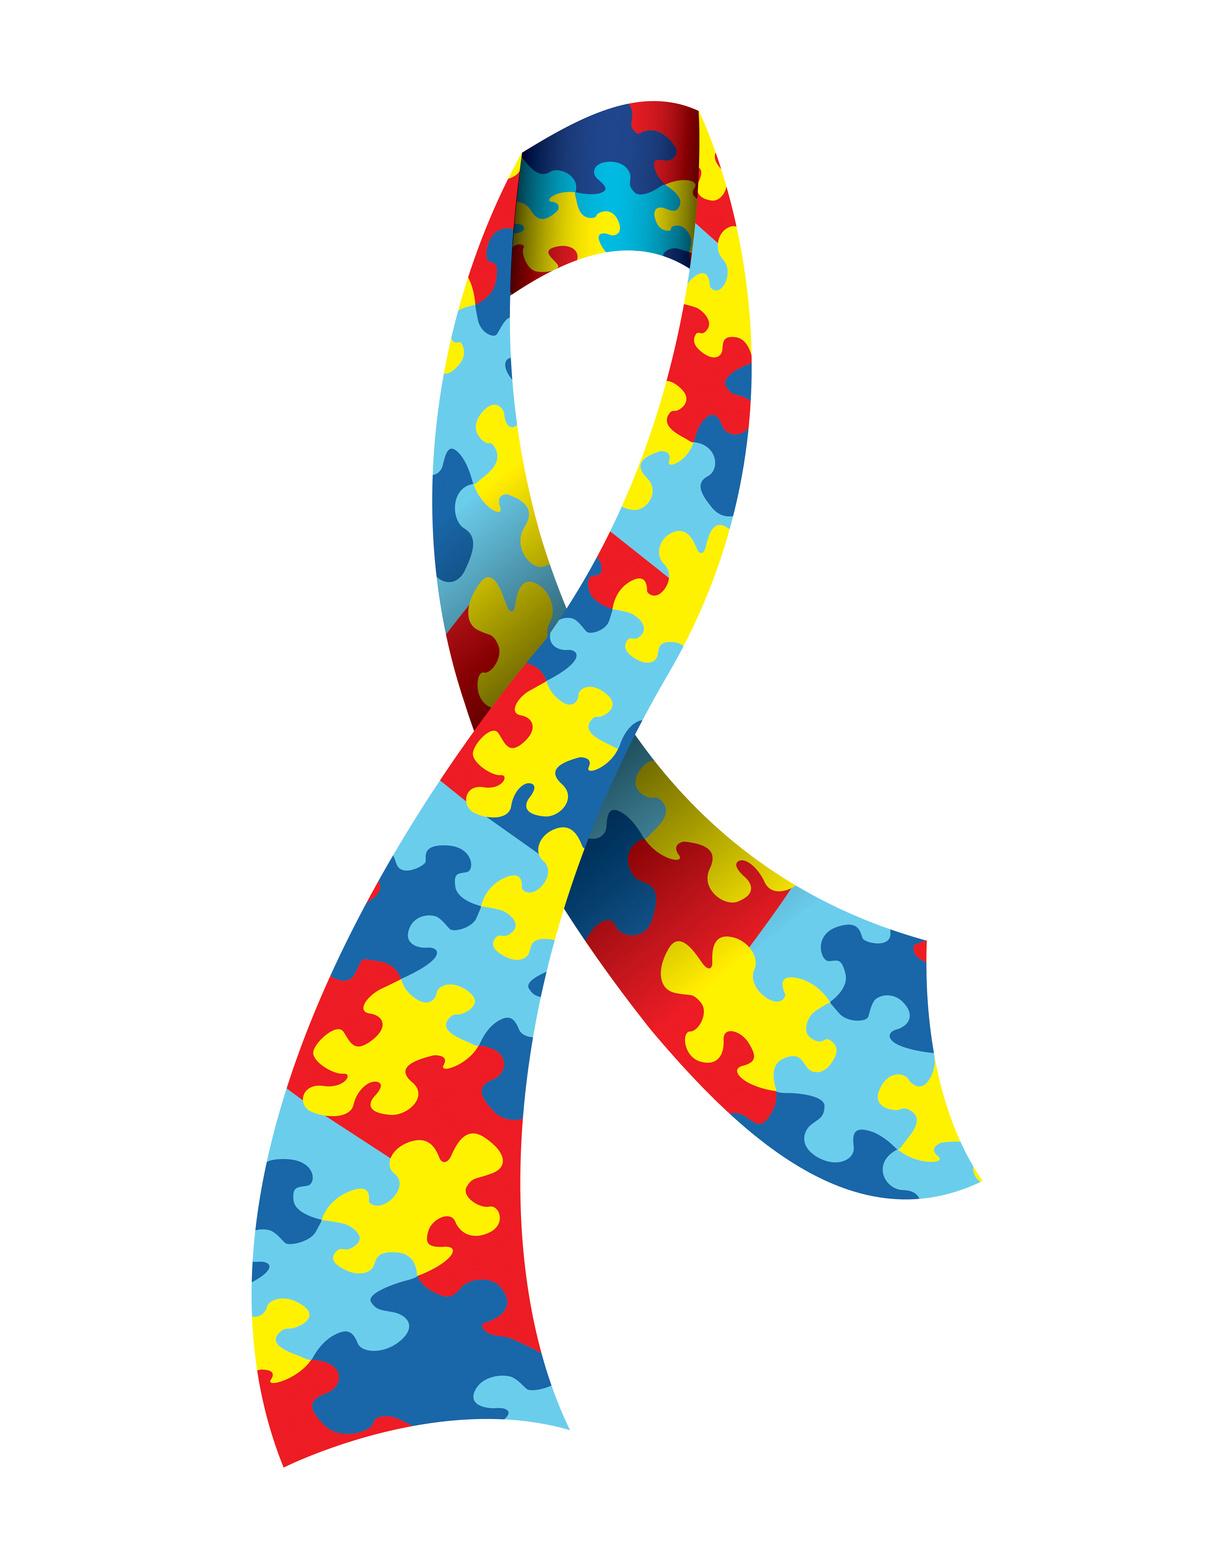 Online Autism Screening Test Financial Tribune